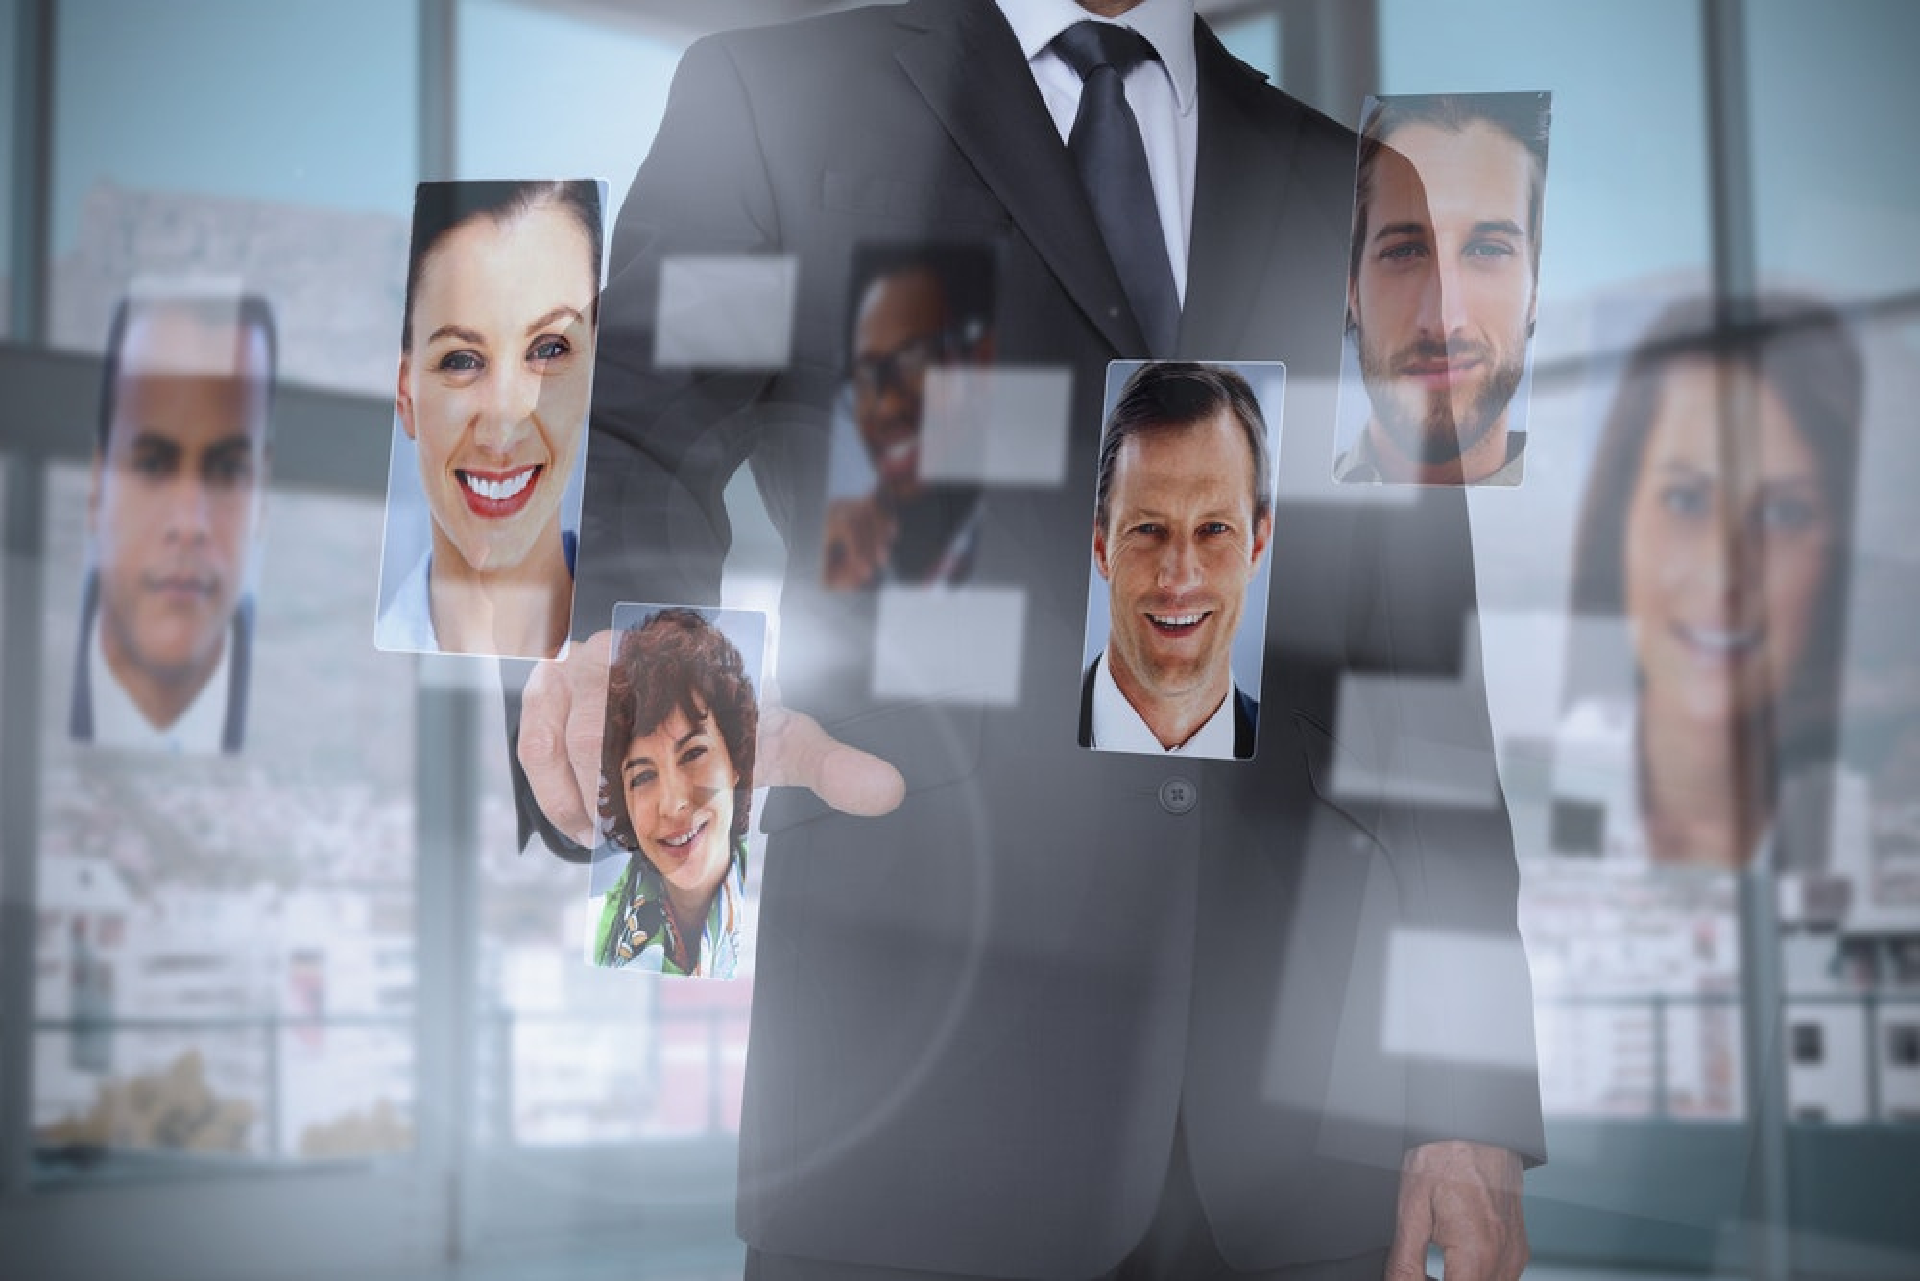 Comment crédibiliser davantage les responsables diversité dans l'entreprise